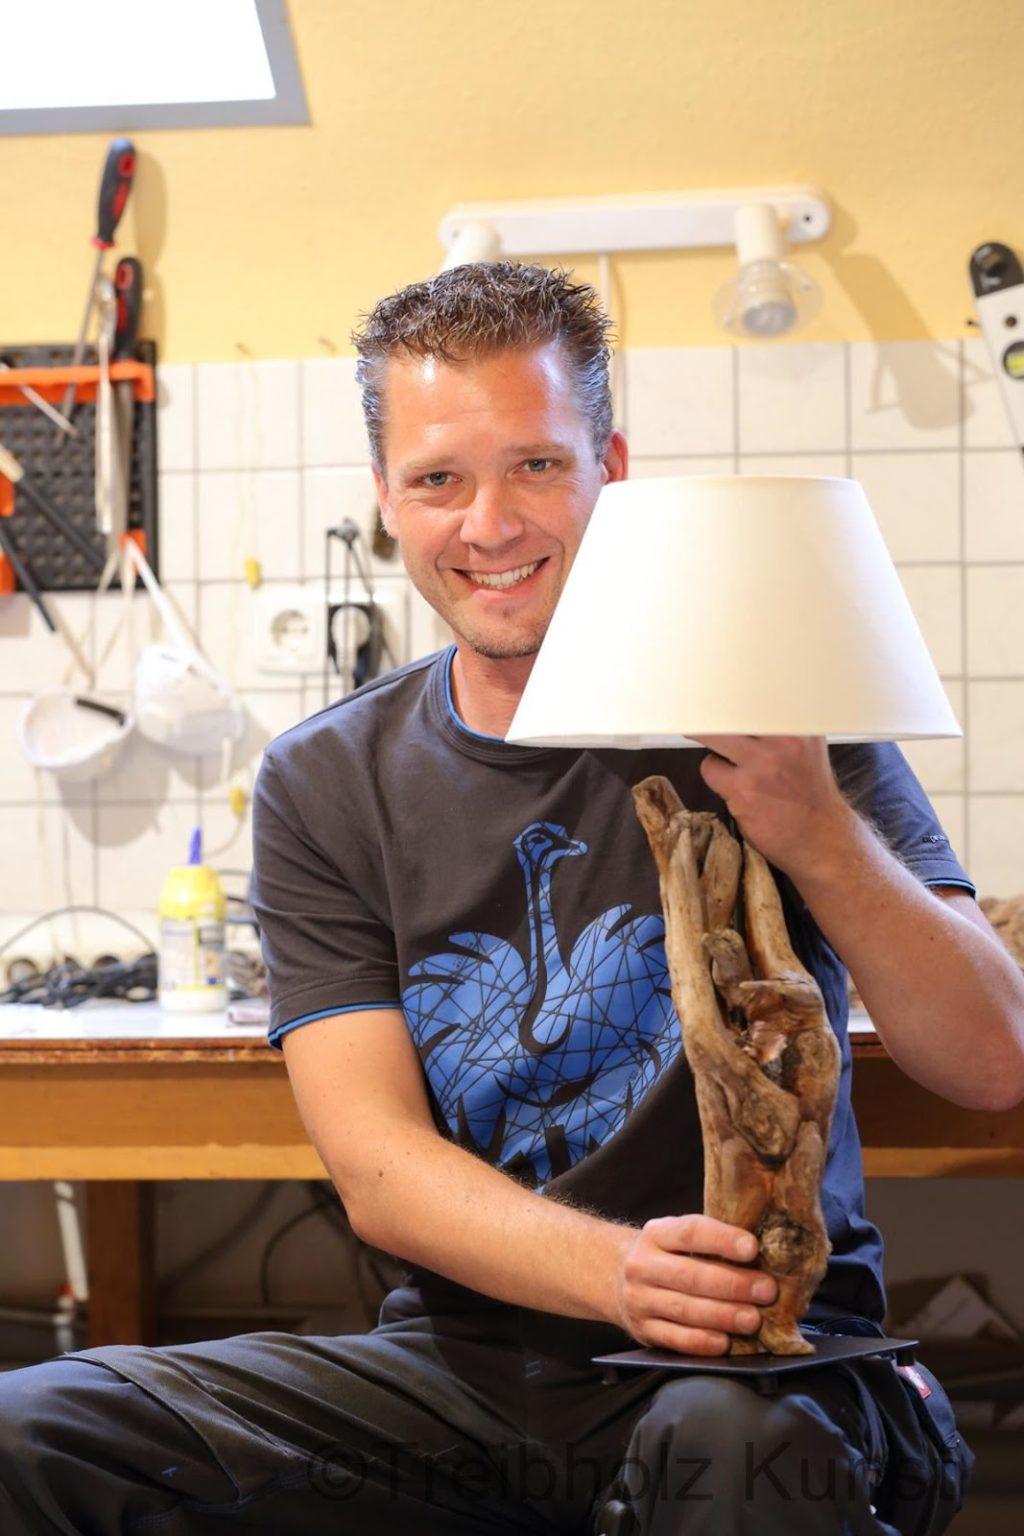 Full Size of Bauanleitung Eine Schwemmholz Designer Lampe Selbst Herstellen Küche Landhaus Schlafzimmer Wandlampe Esstisch Massiv Ausziehbar Regal Aus Obstkisten Bett Wohnzimmer Lampe Aus Holz Selber Machen